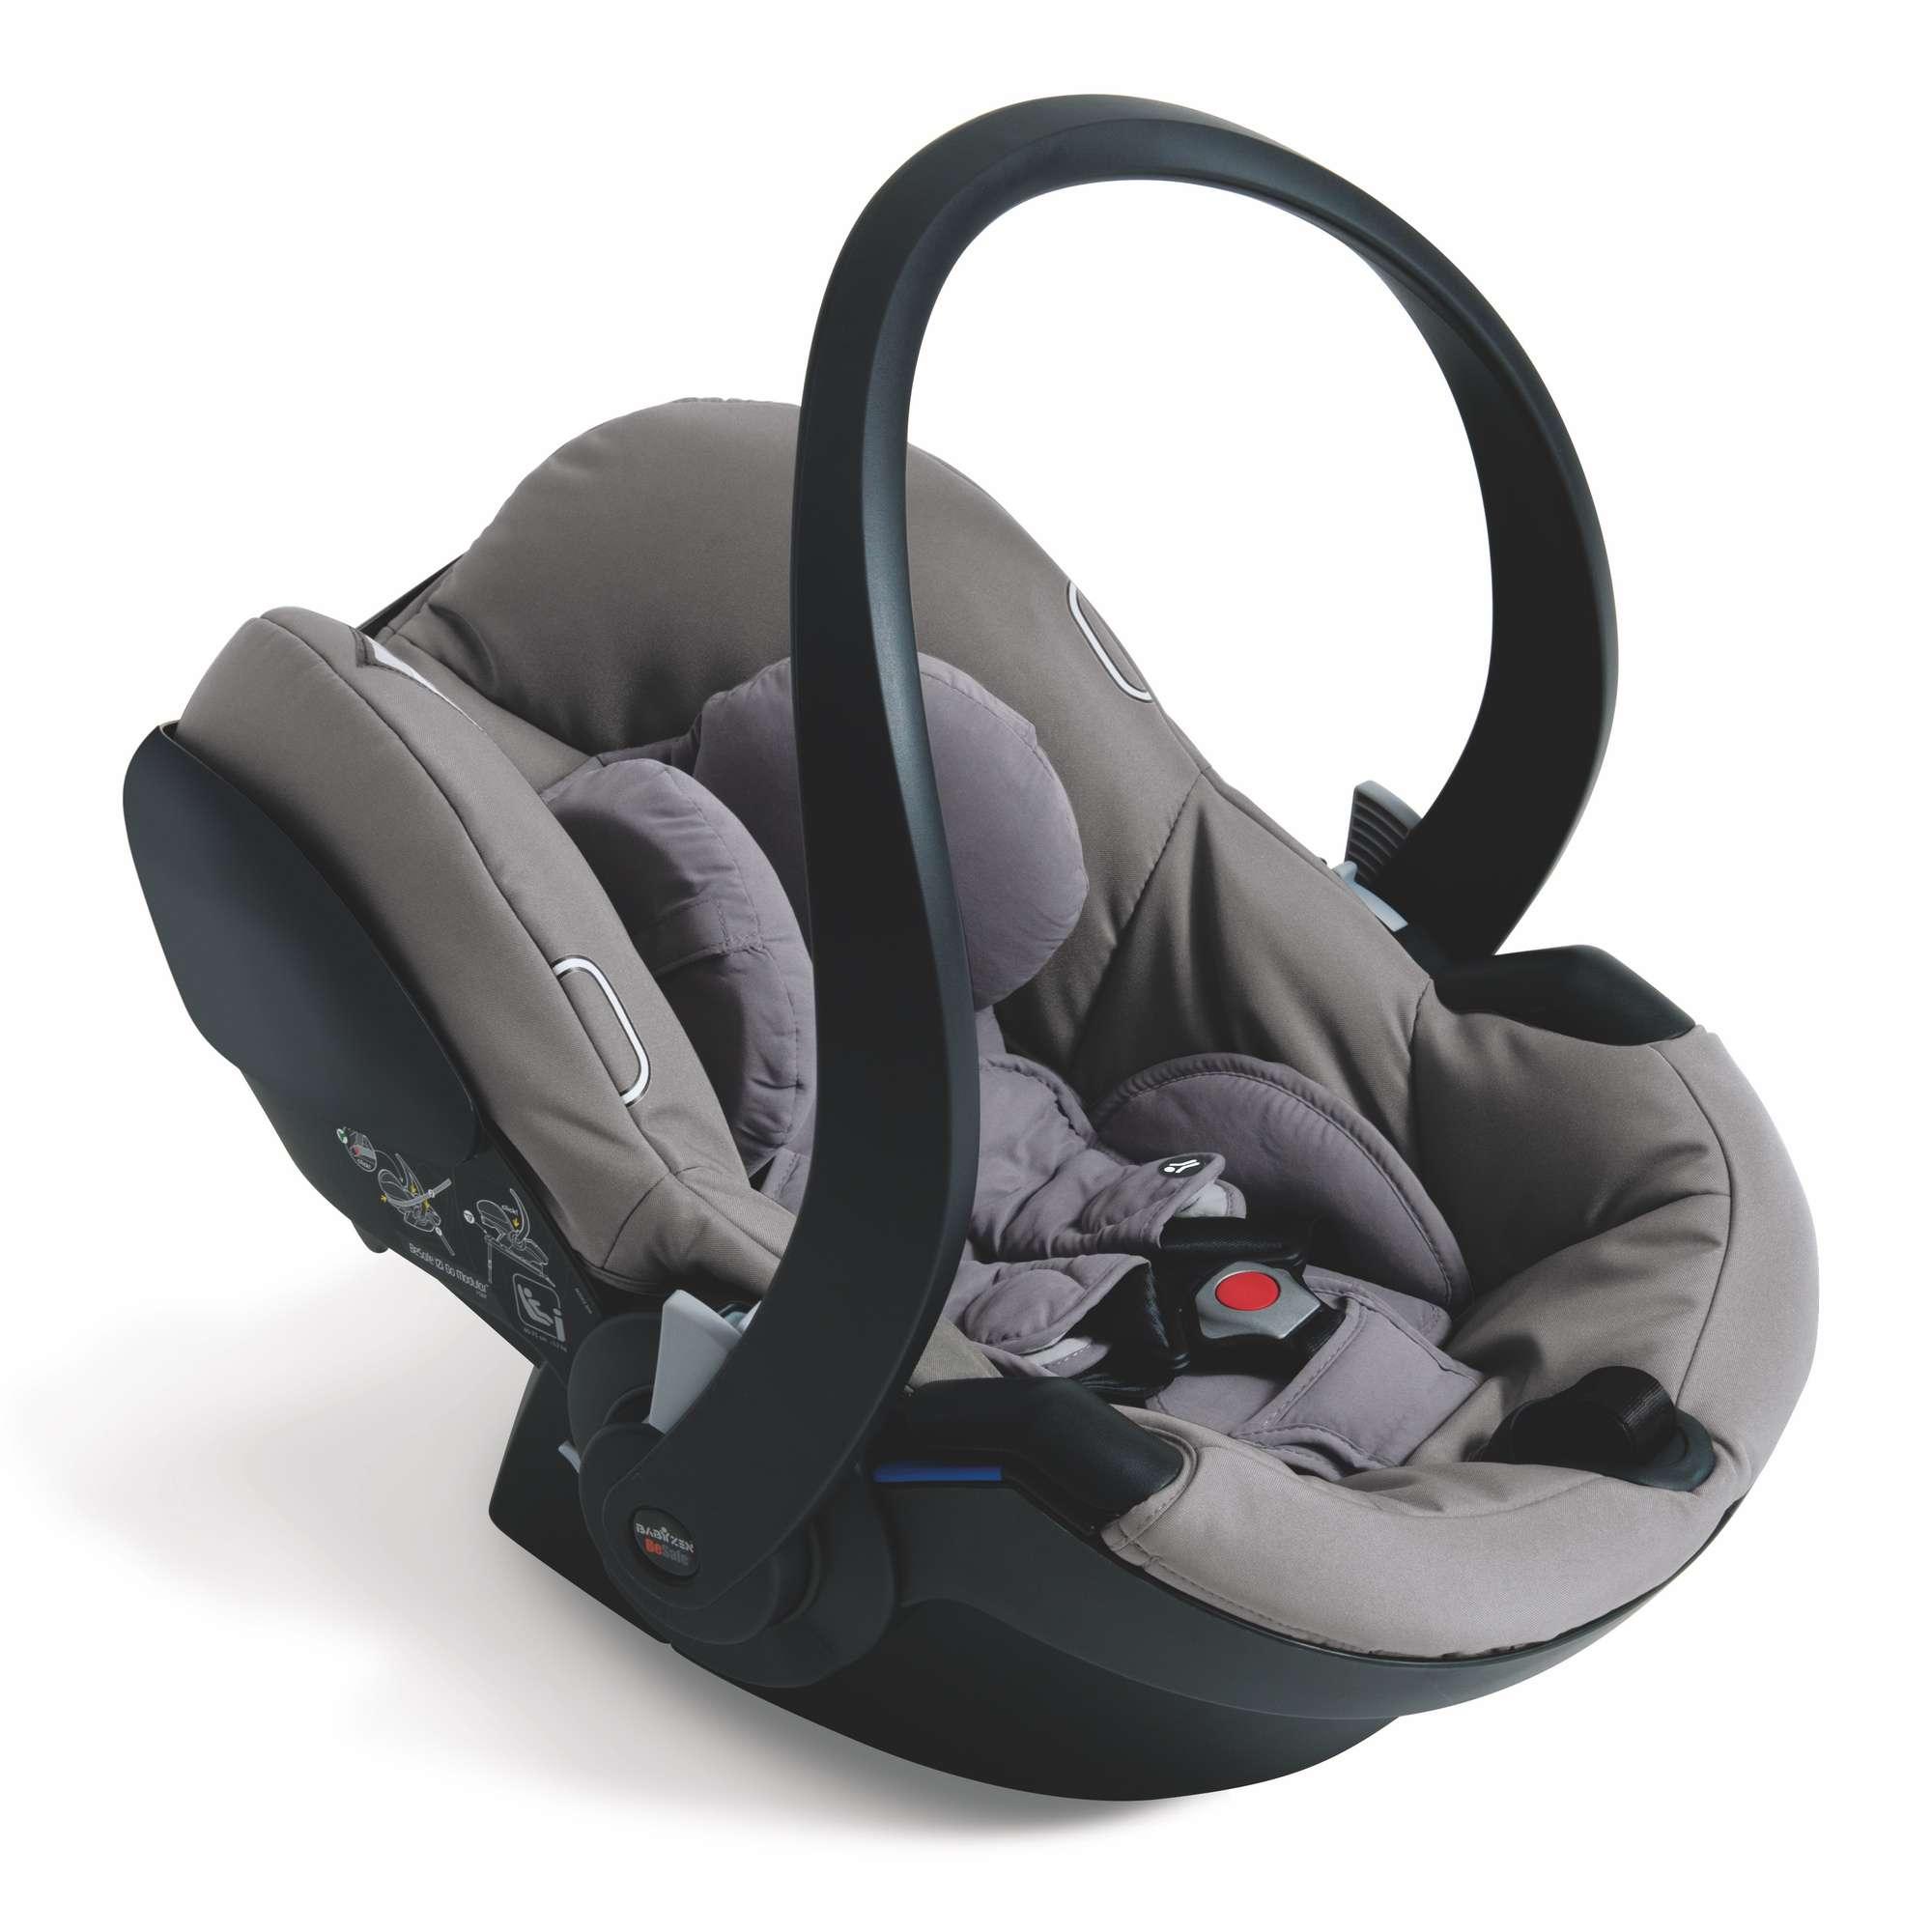 Babyzen Babyschale Izi Go Modular By Besafe Die Zwergperten Xl Babyschalen Reboarder Kindersitze